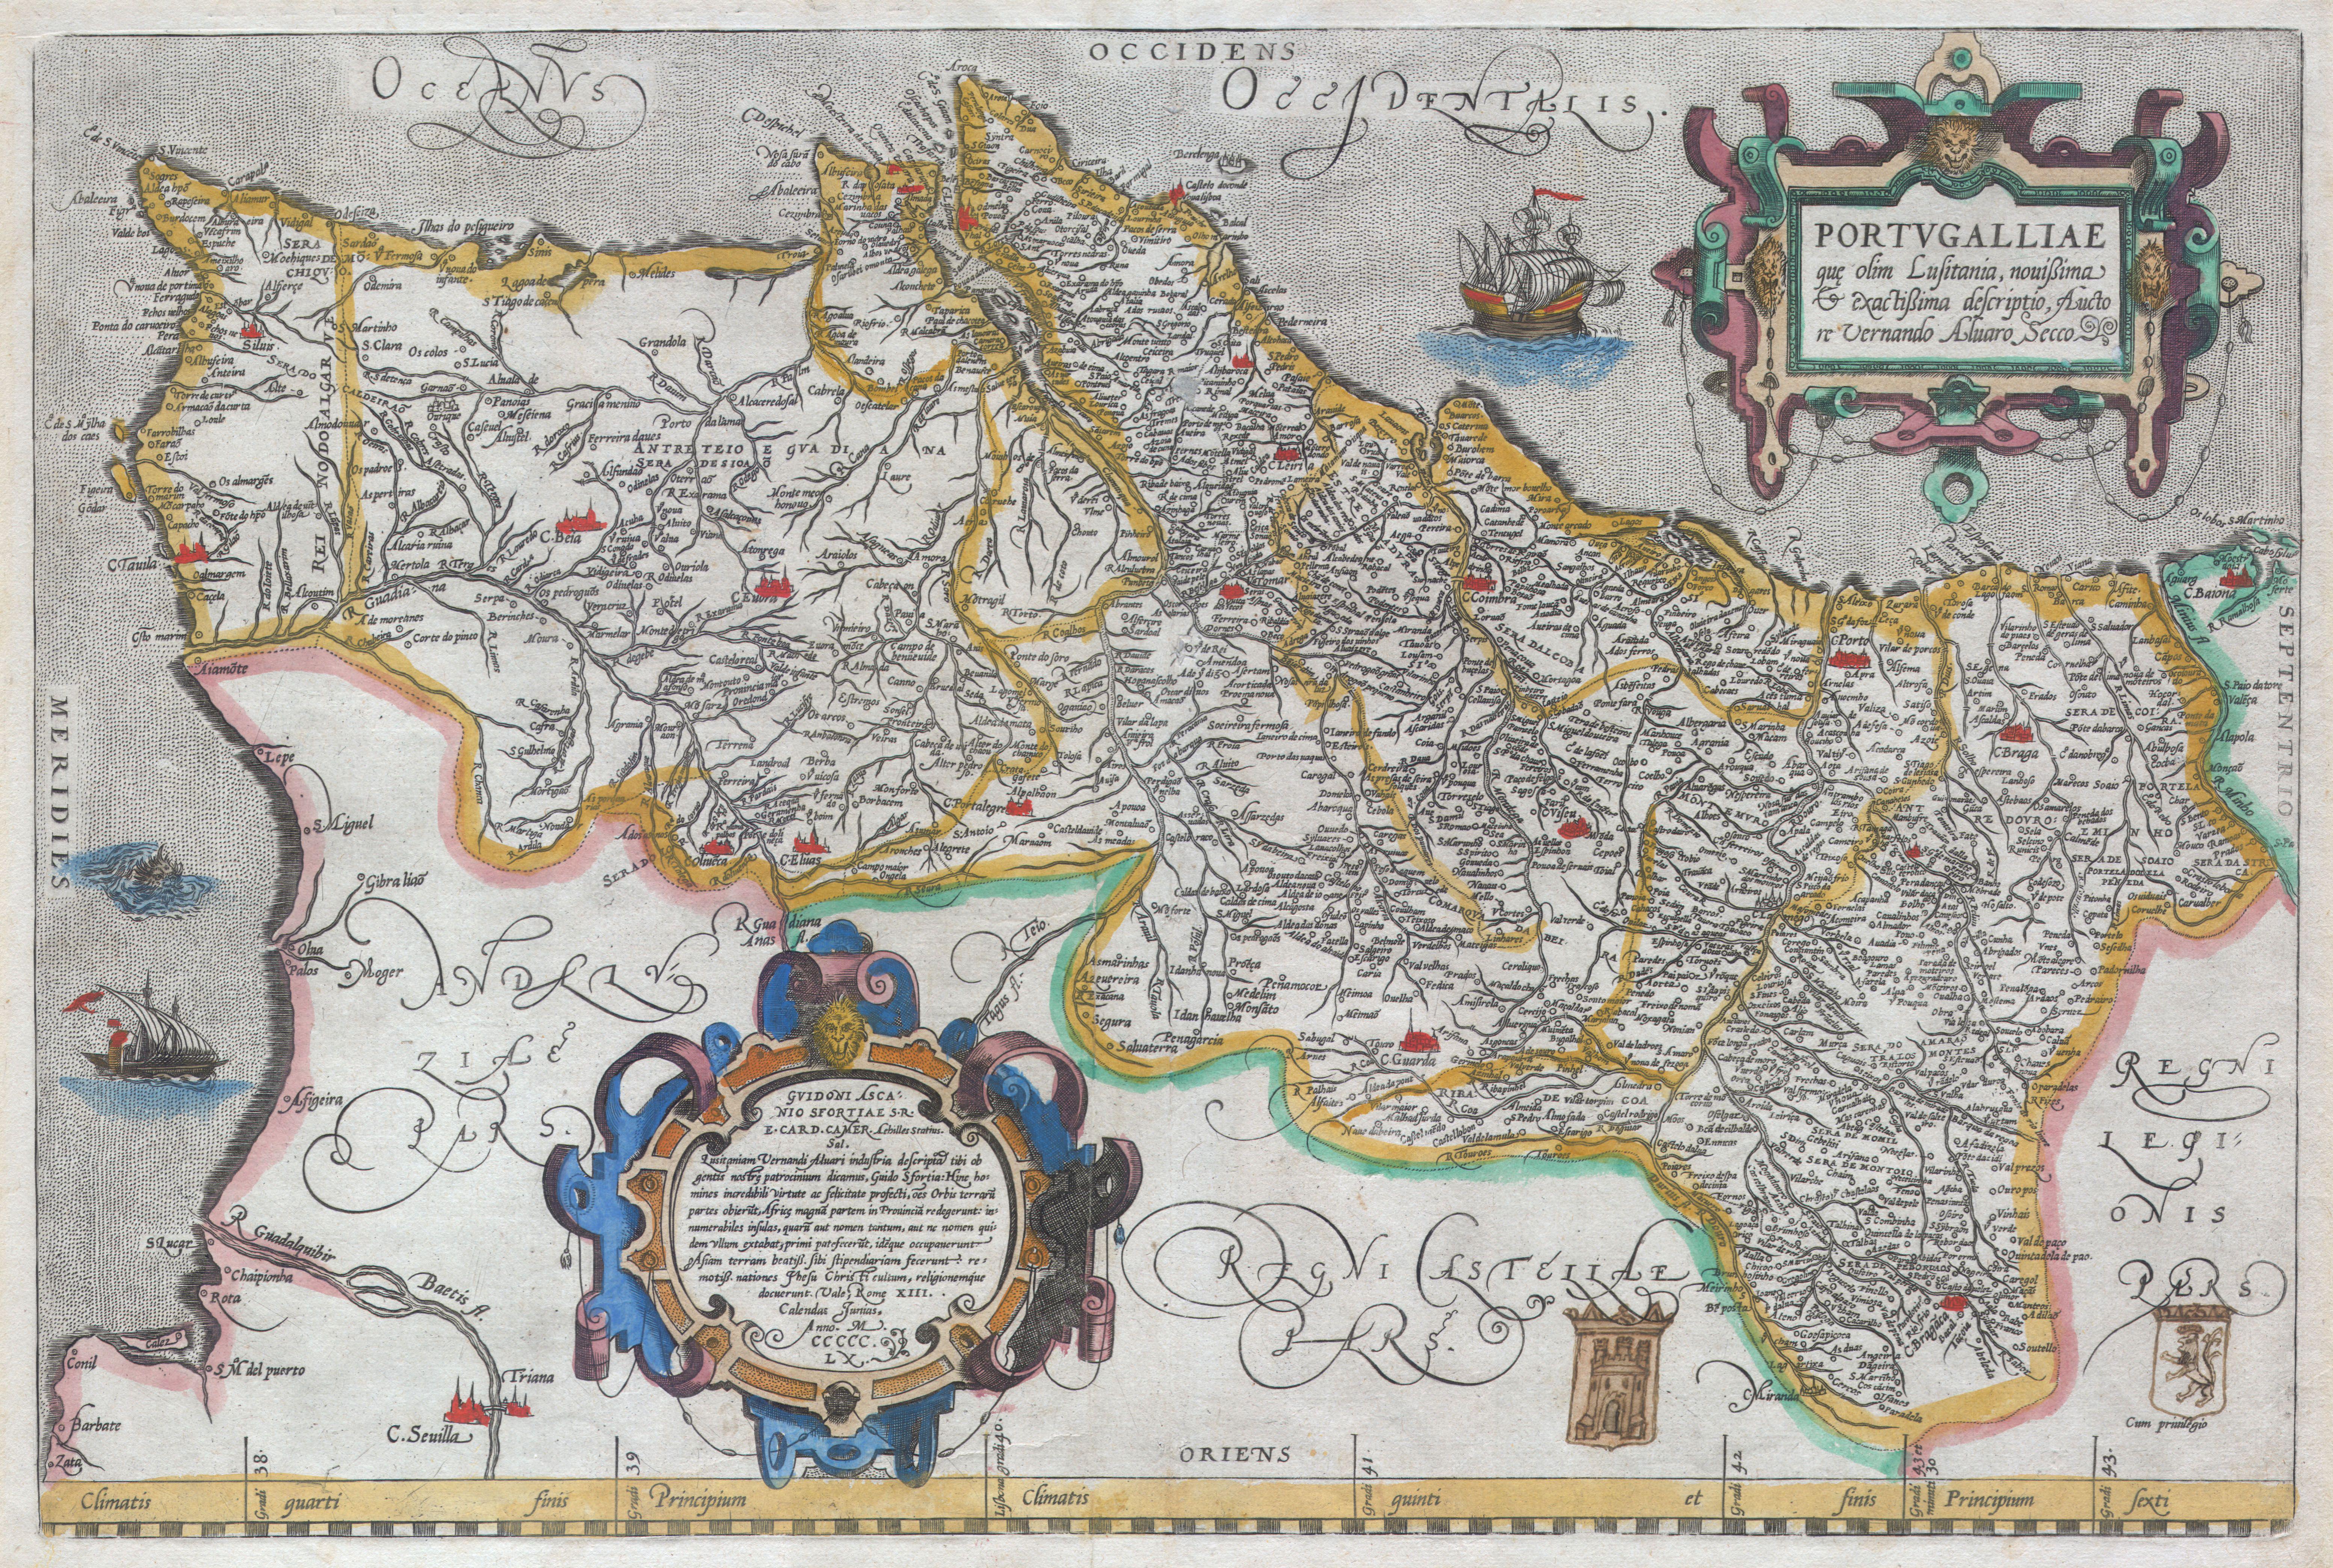 File:1579 Ortelius Map of Portugal ( Porvgalliae ) - Geographicus -  Portugalliae-ortelius